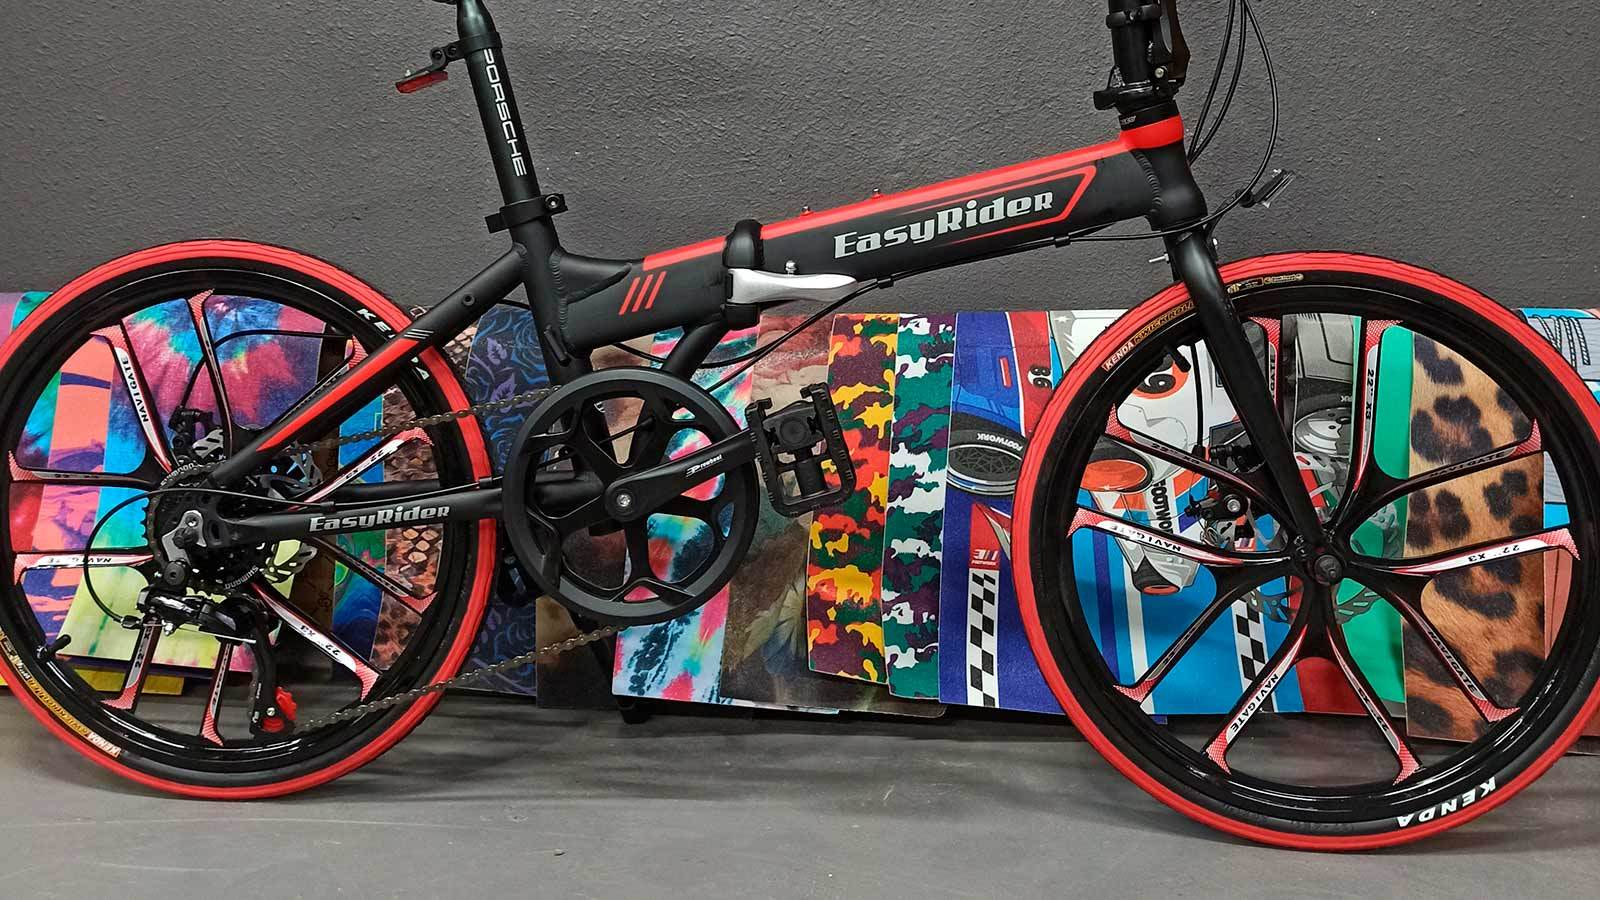 колеса литьё велосипед прогулочный